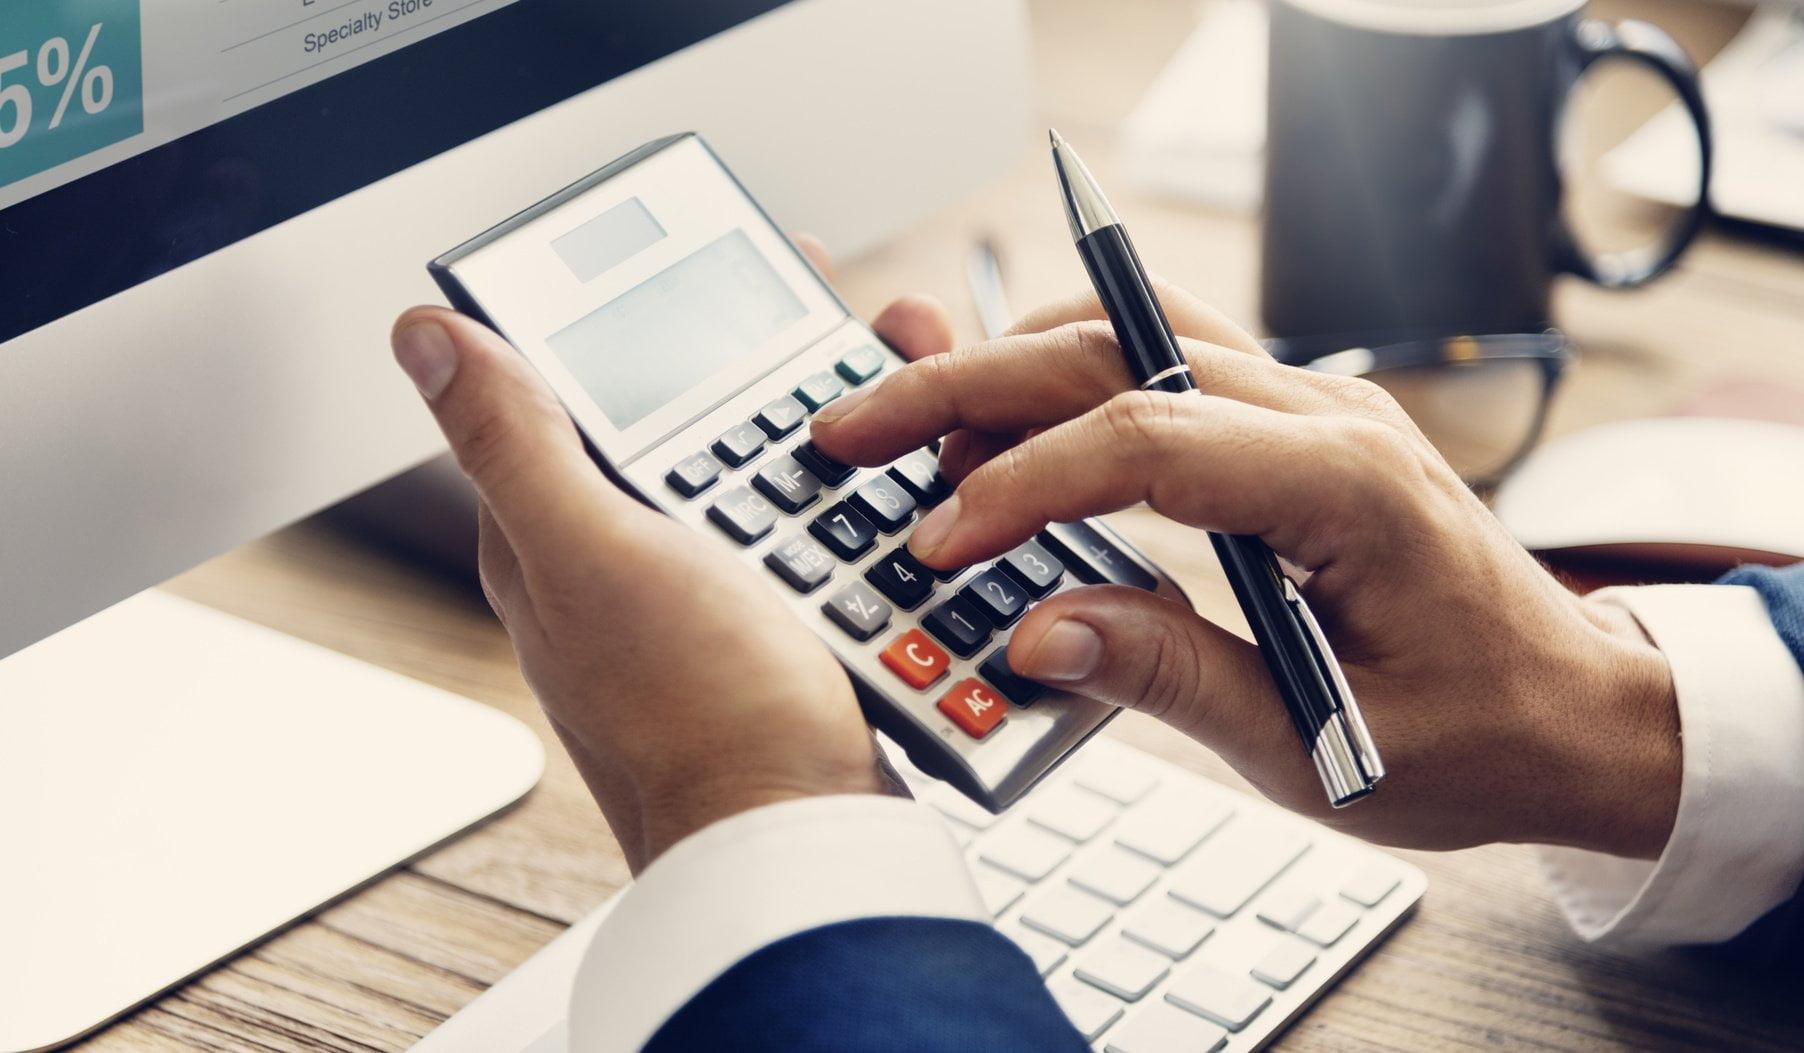 11281 - Μείωση προκαταβολής - Όλες οι λεπτομέρειες, ποιες επιχειρήσεις εξαιρούνται, ποιές χάνουν την προκαταβολή, πότε επιβάλλεται πρόστιμο